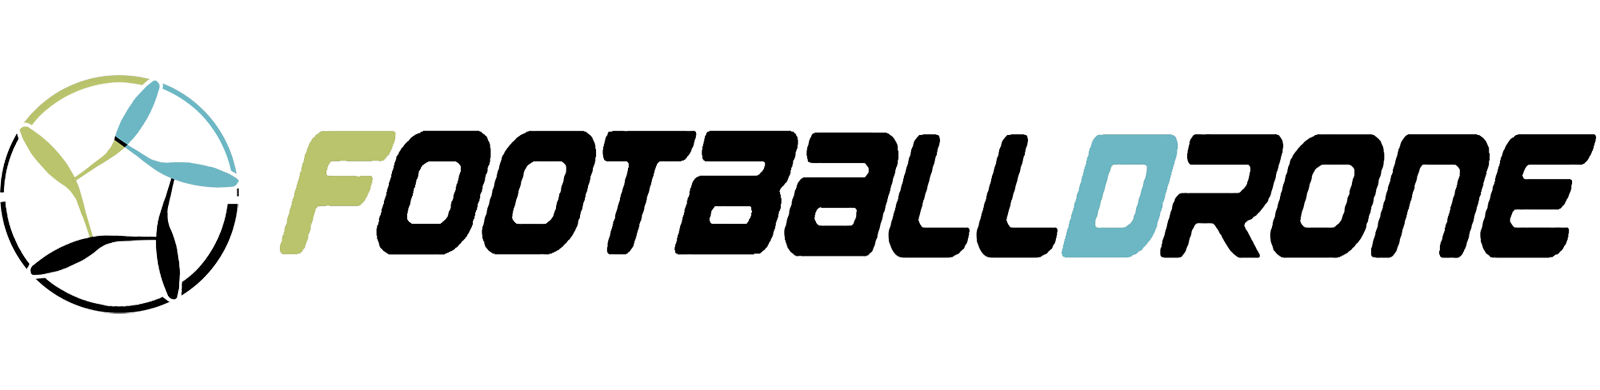 Football Drone - I droni e il calcio